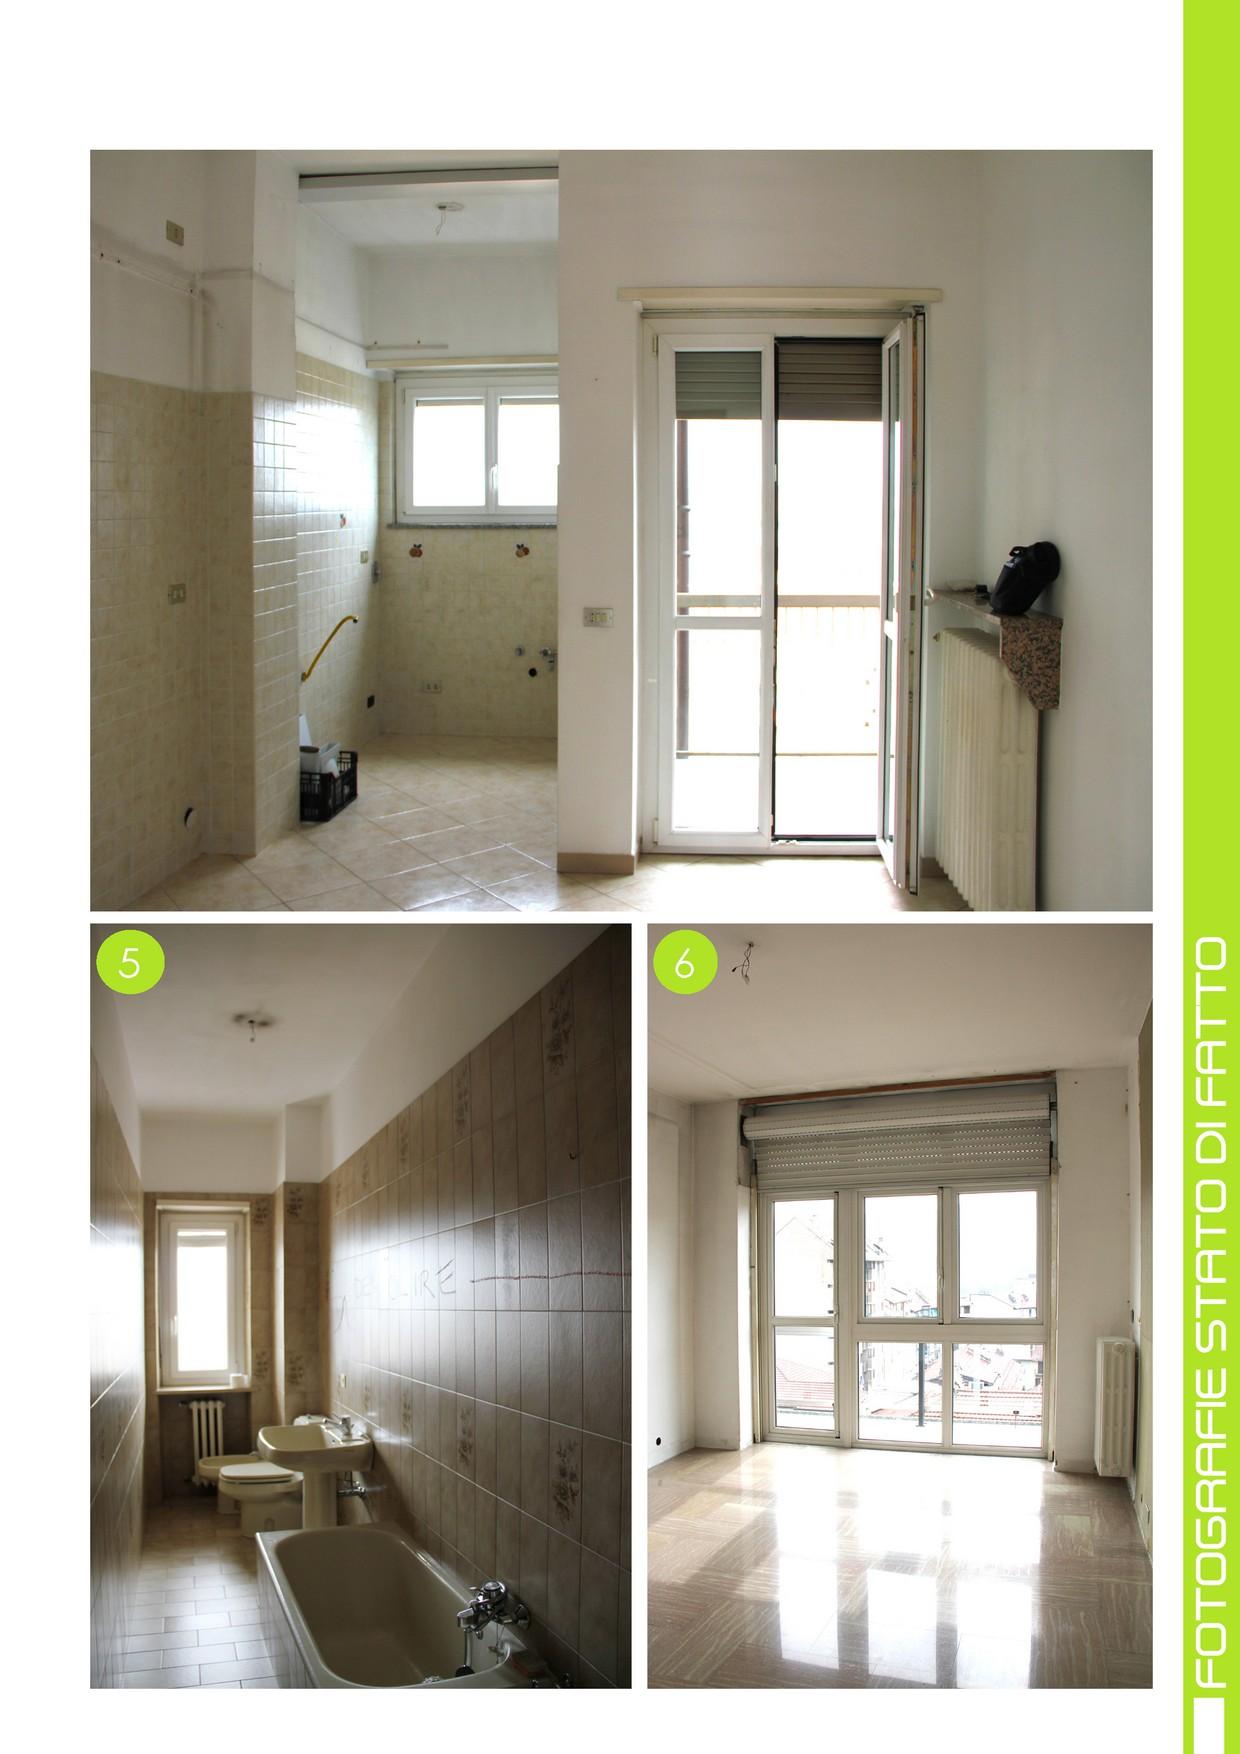 ristrutturazione-casa-torino-4 - Kreocasa - Negozio di Arredamento e Design a Torino